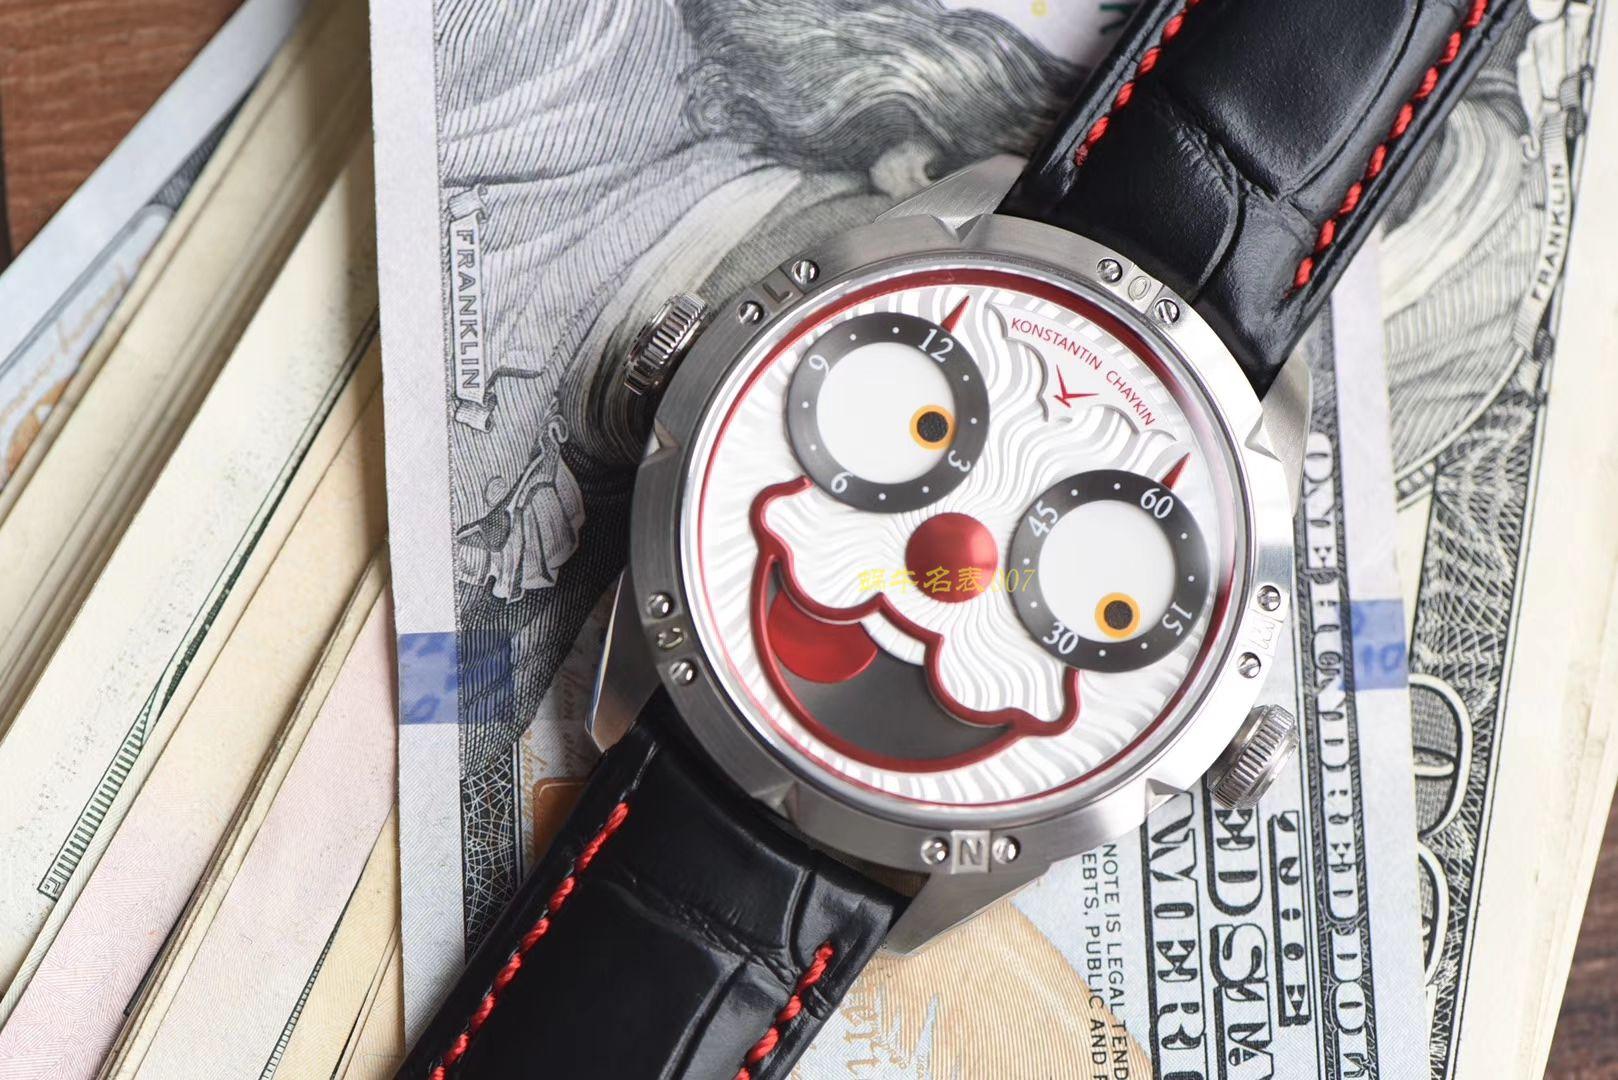 俄罗斯小丑V2版本,全面升级AHCI独立制表协会主席康斯坦丁·切金Konstantin Chaykin大师匠心之作